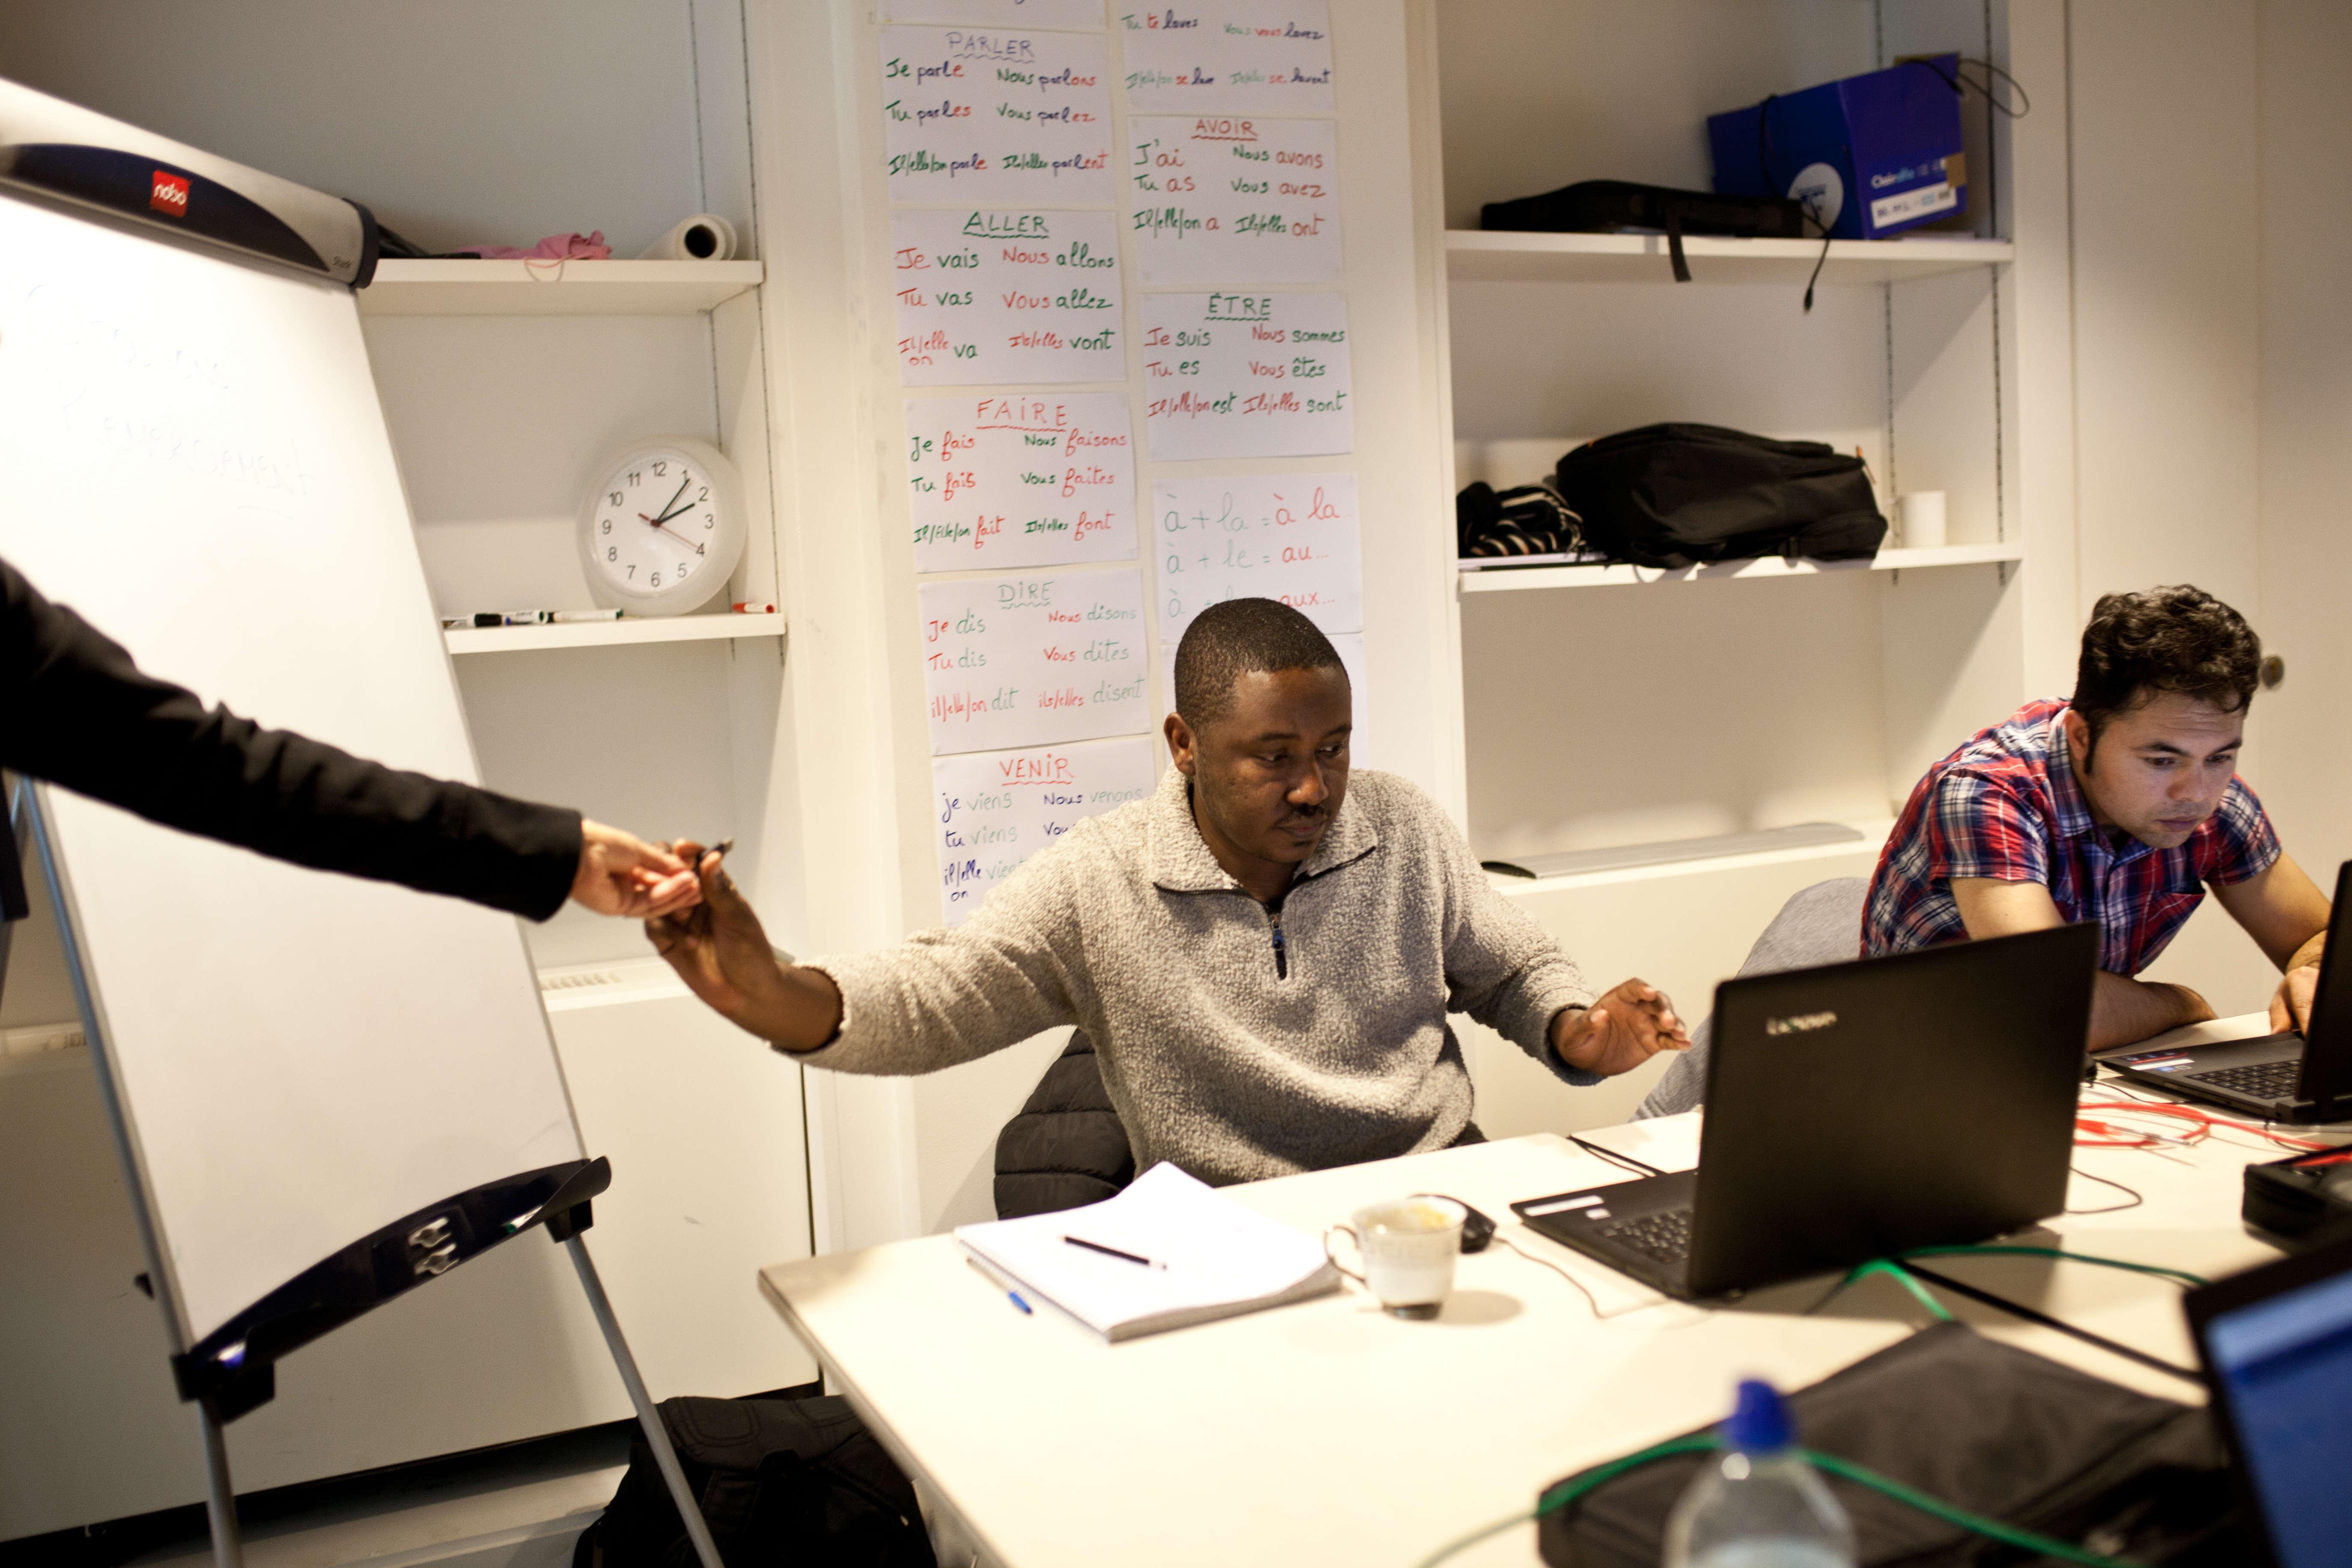 Ali suit un cours de bureautique donné par l'organisme Human Booster et financé par Pôle emploi, le 31 janvier 2018, à Vichy. Objectifs : savoir créer une boîte mail et élaborer un diaporama.  SANDRA MEHL POUR LE MONDE